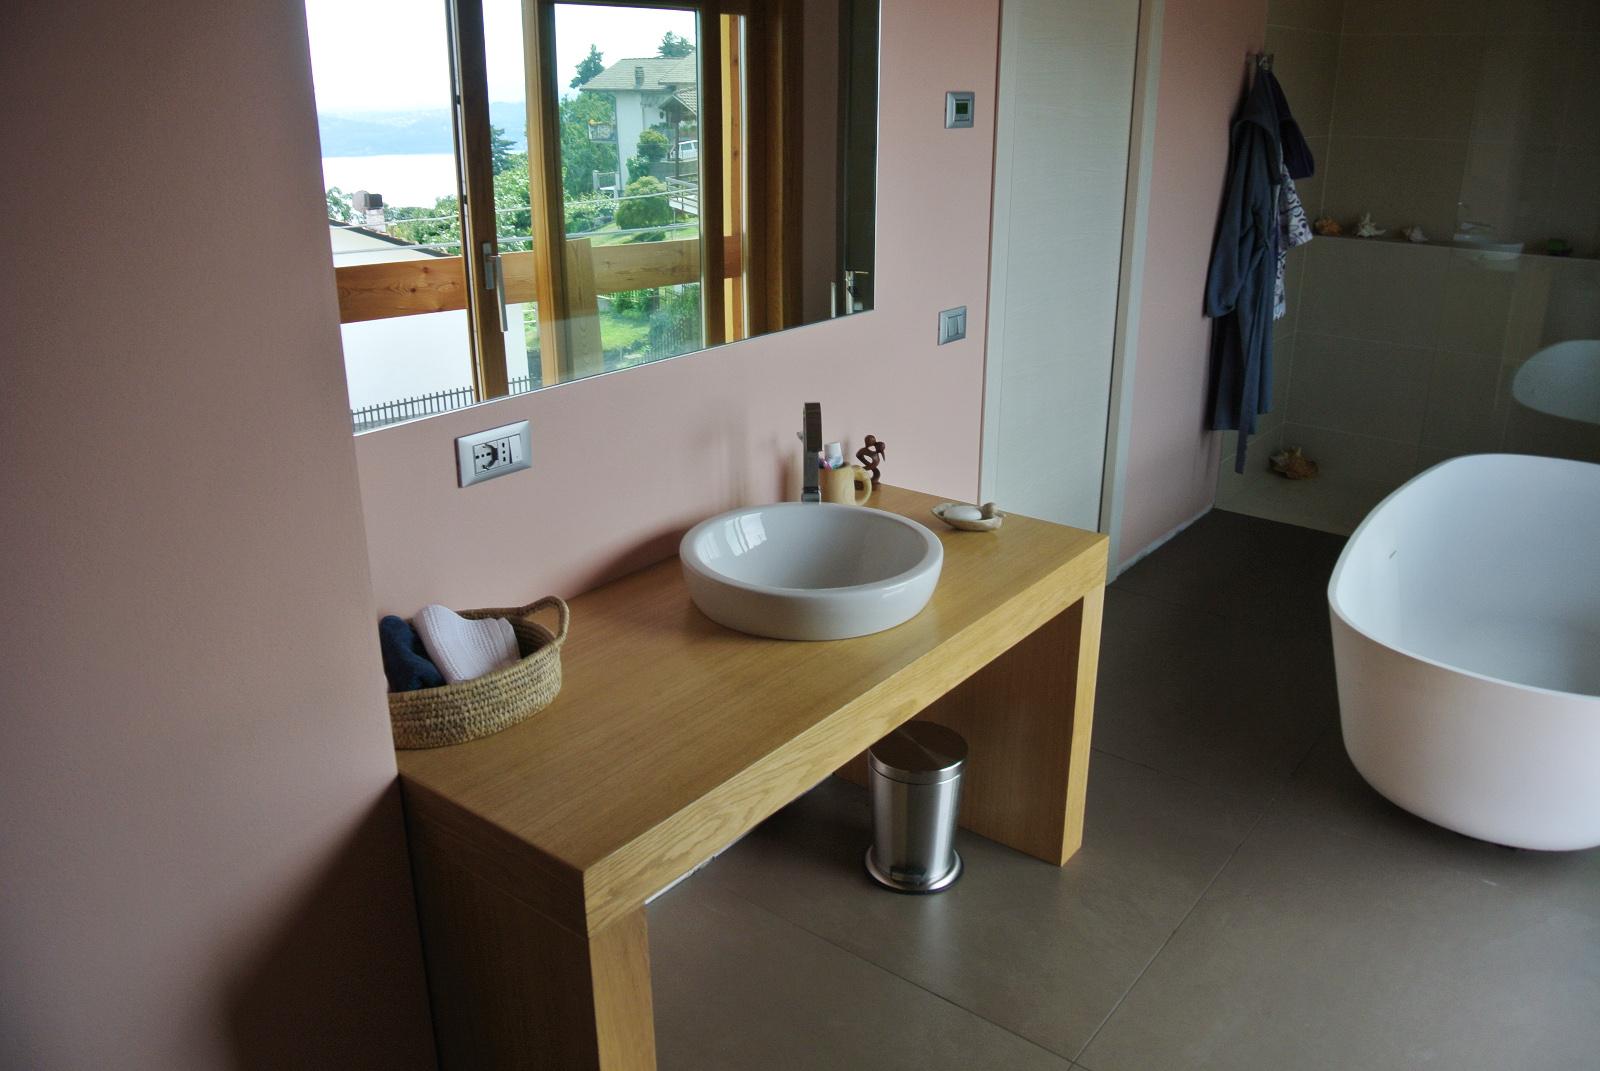 sintesibagno4bisss-verbania-lago-maggiore-svizzera-arredobagno-canton-ticino-bagno-vasca-centro-stanza-lavabo-sfera-cx-catalano